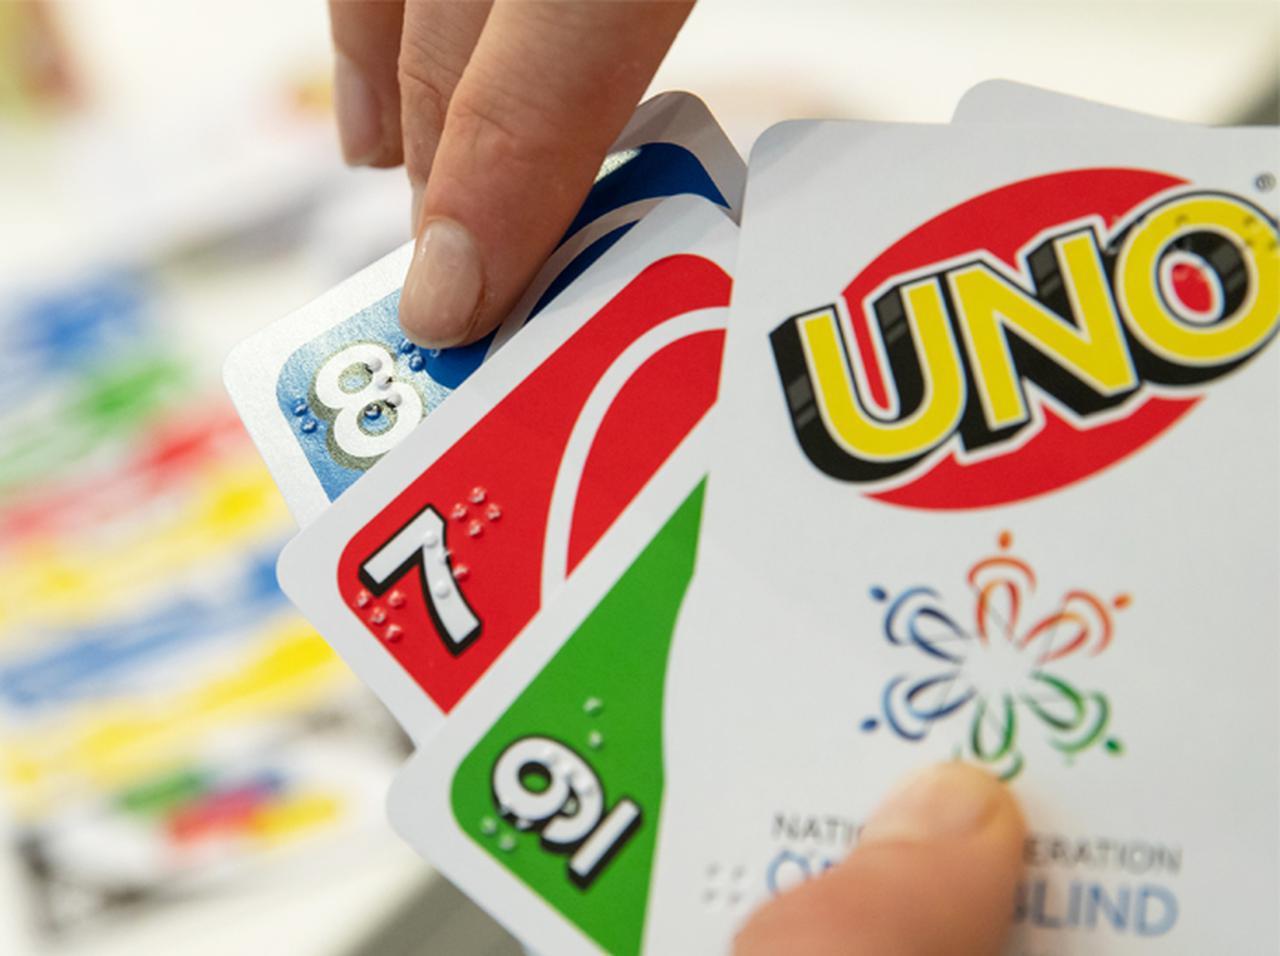 画像: UNO、海外では6割の人が実践している「あるルール」が初耳すぎるけど楽しそう - フロントロウ -海外セレブ情報を発信